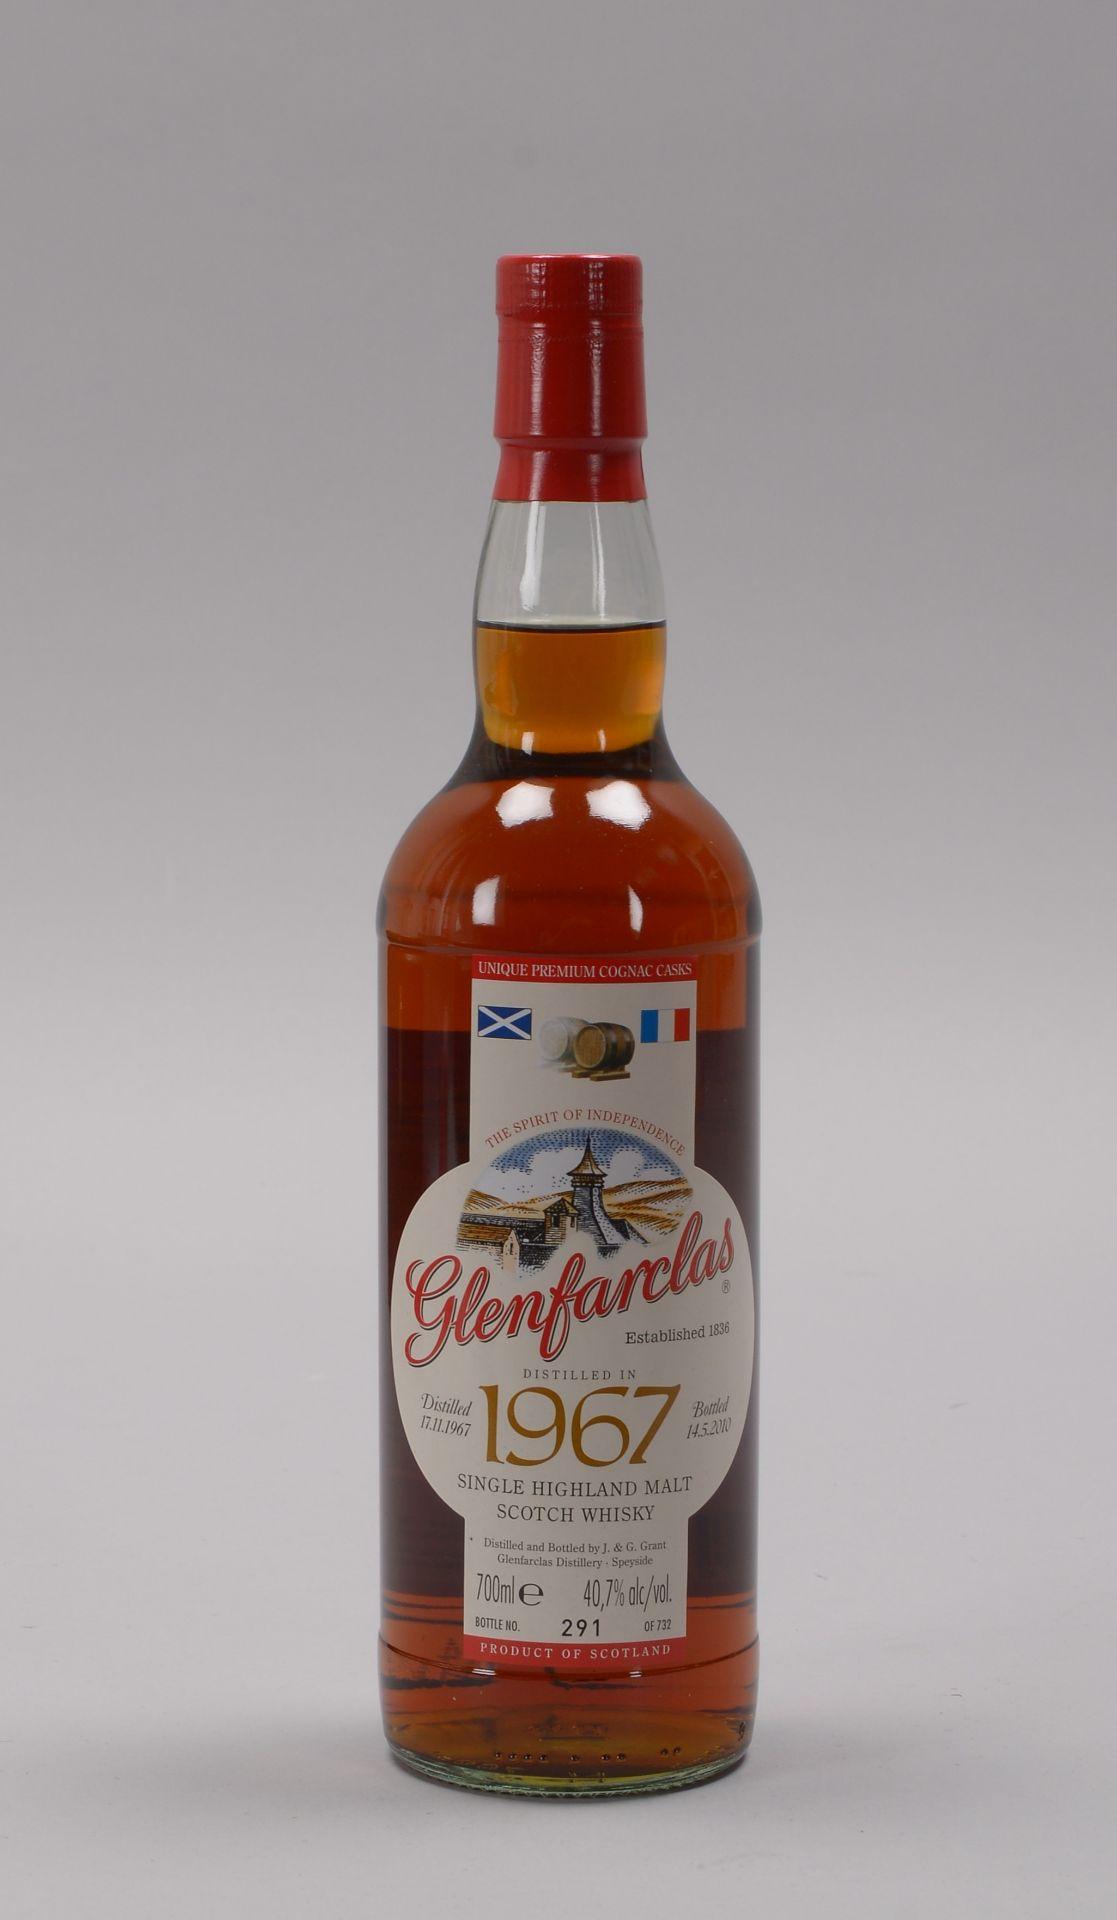 Sammlerwhisky: 'Glenfarclas Single Highland Malt Scotch Whisky', 'Distilled 17.11.196